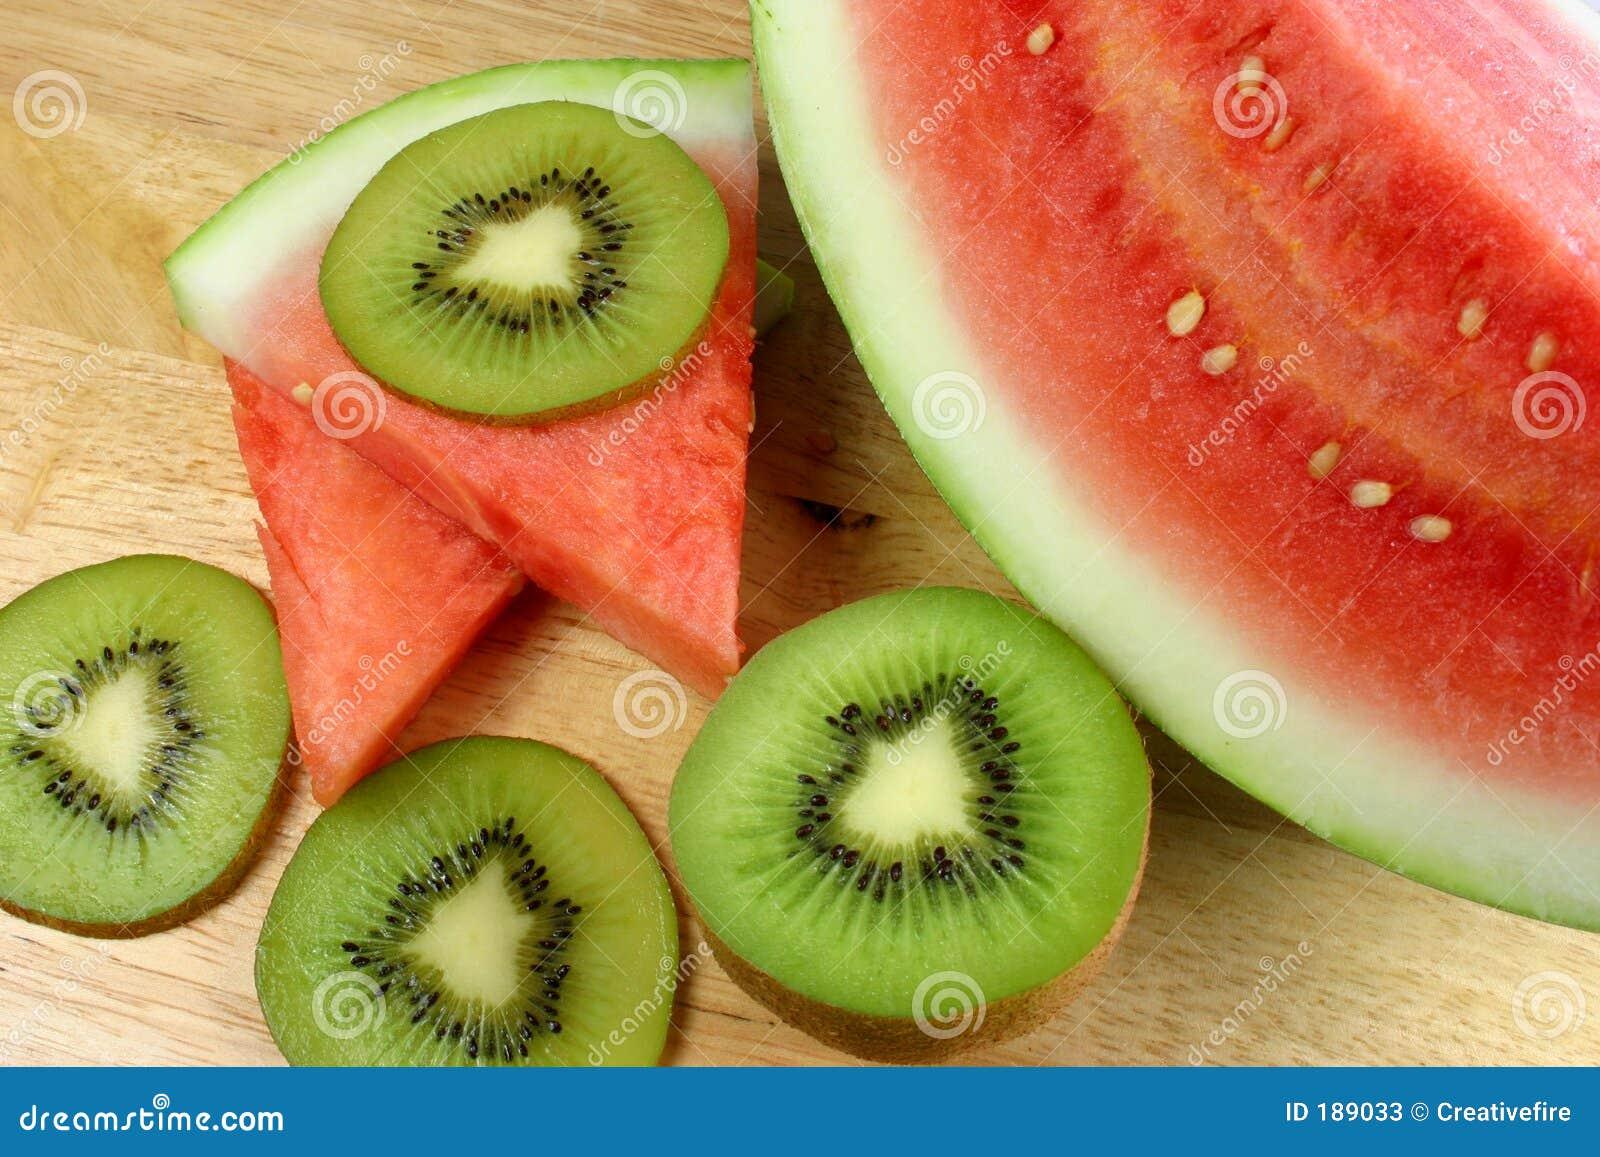 Fruta de kiwi y sandía